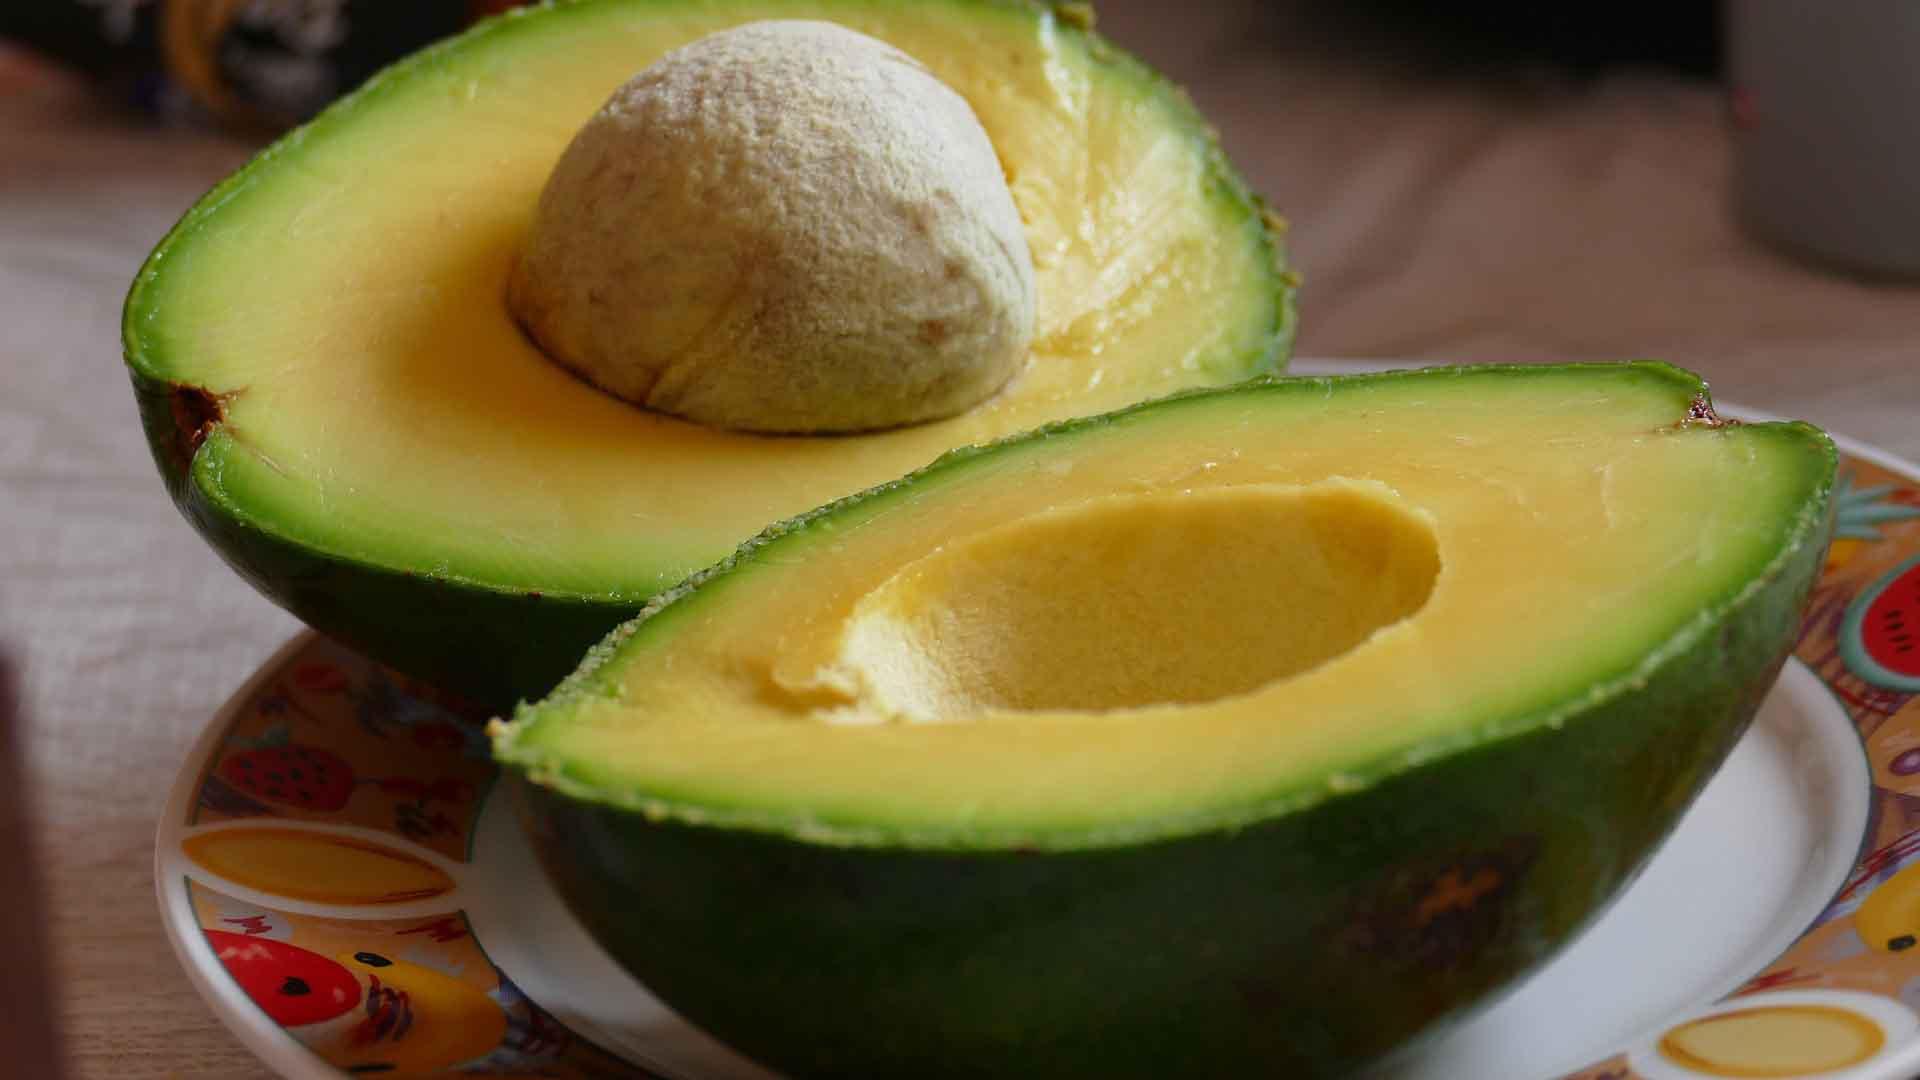 Avocado - healthy habits